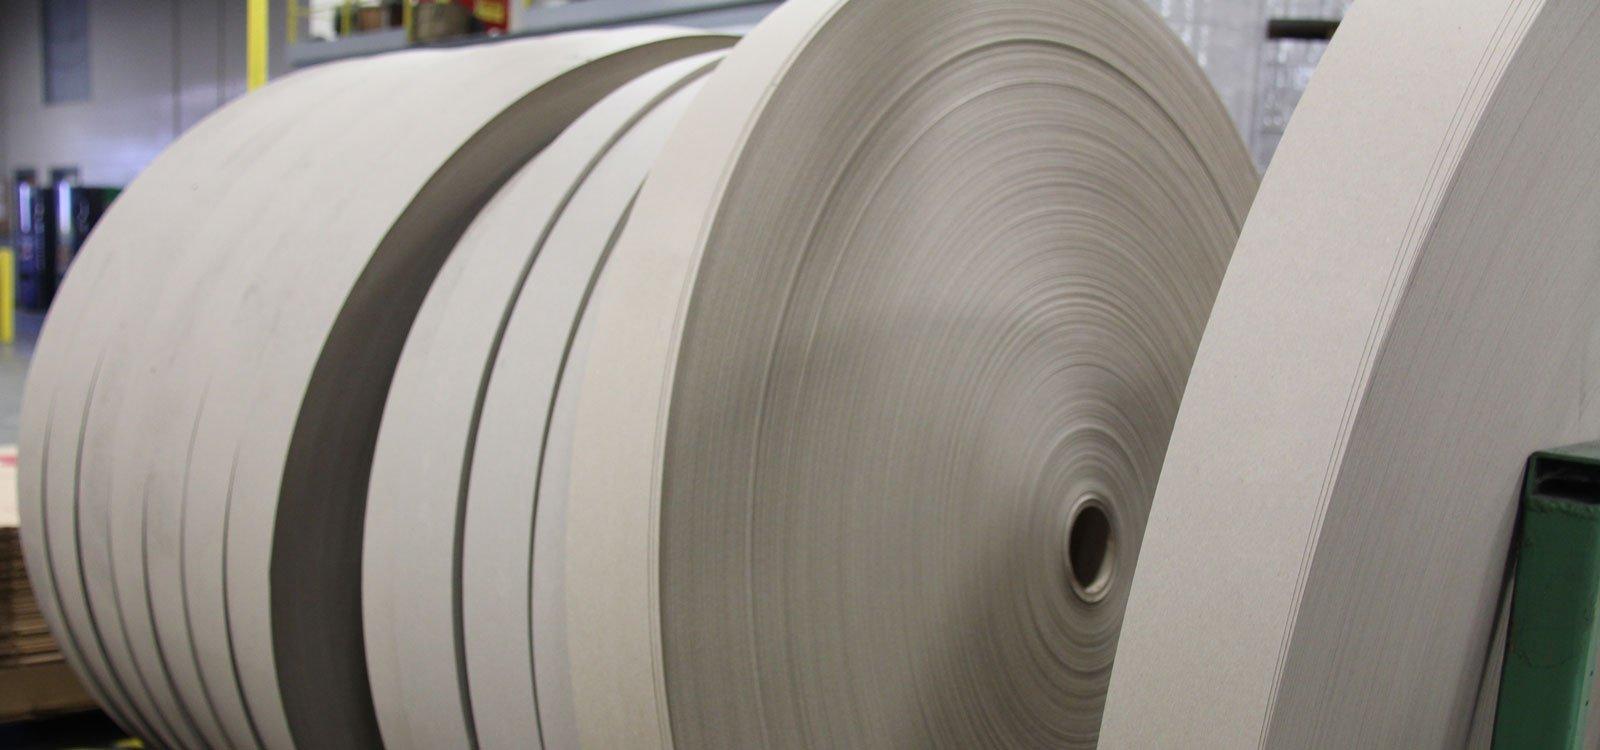 Paper-Roll-Header.jpg